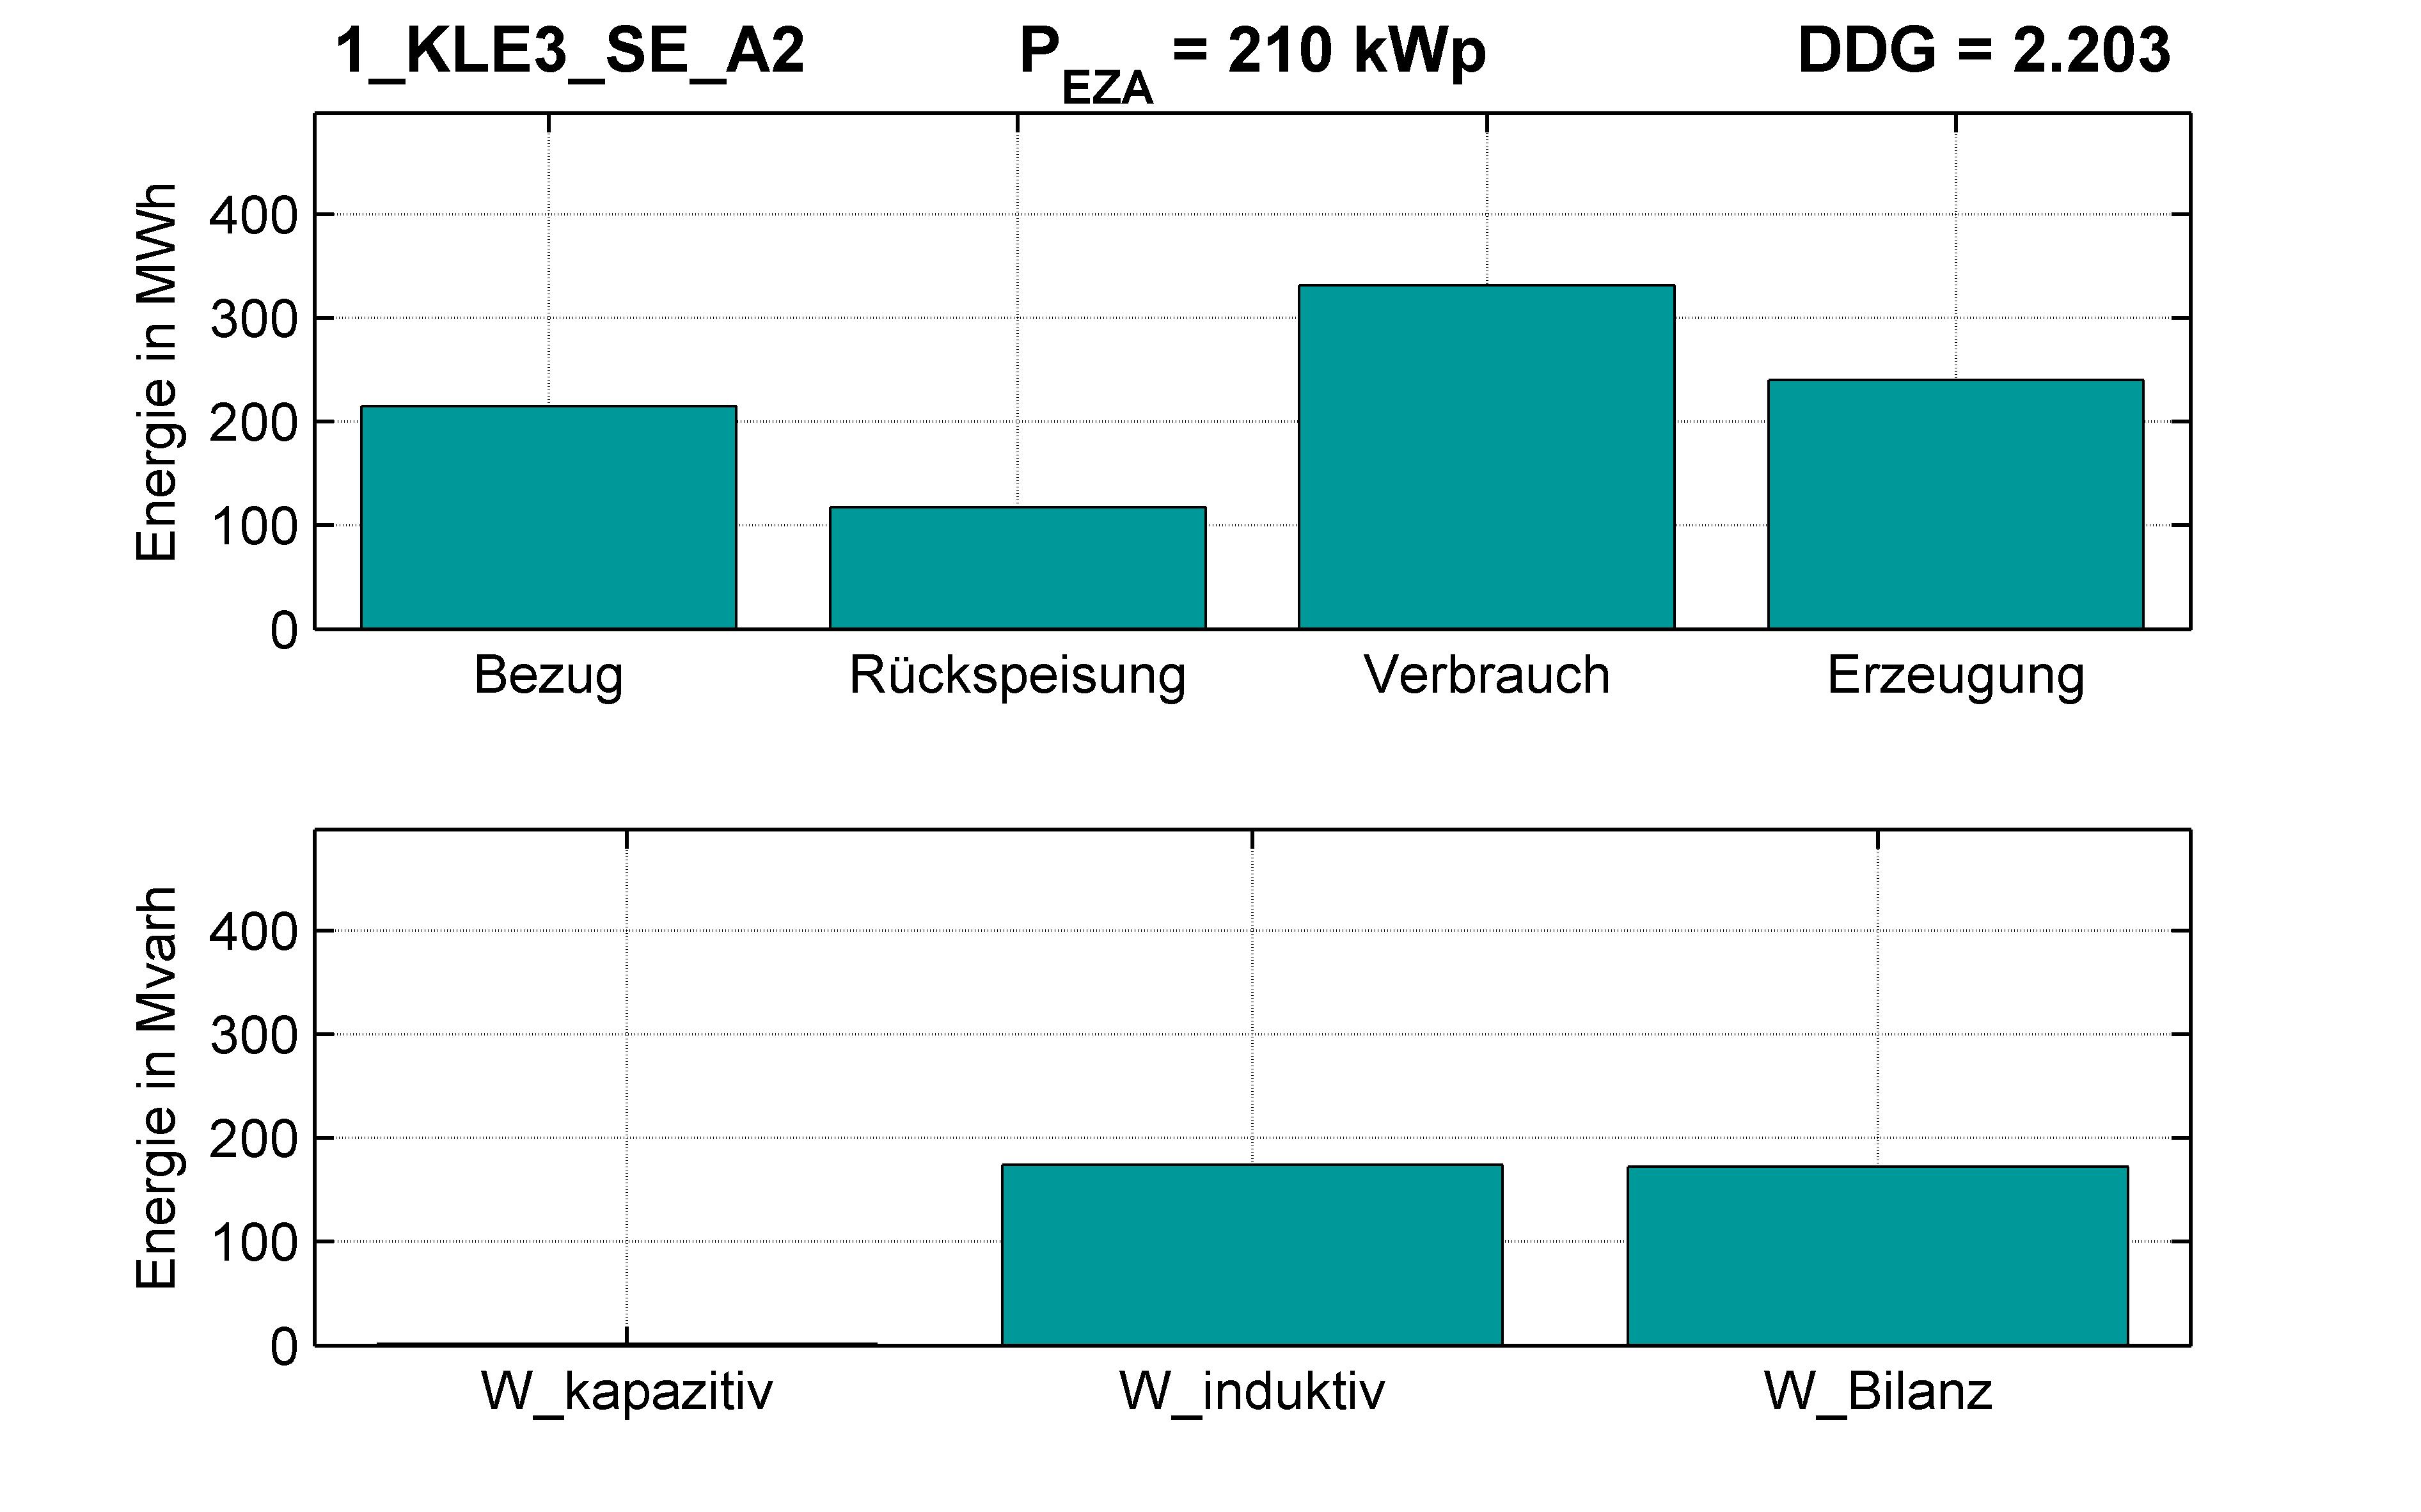 KLE3 | KABEL (SE) A2 | PQ-Bilanz